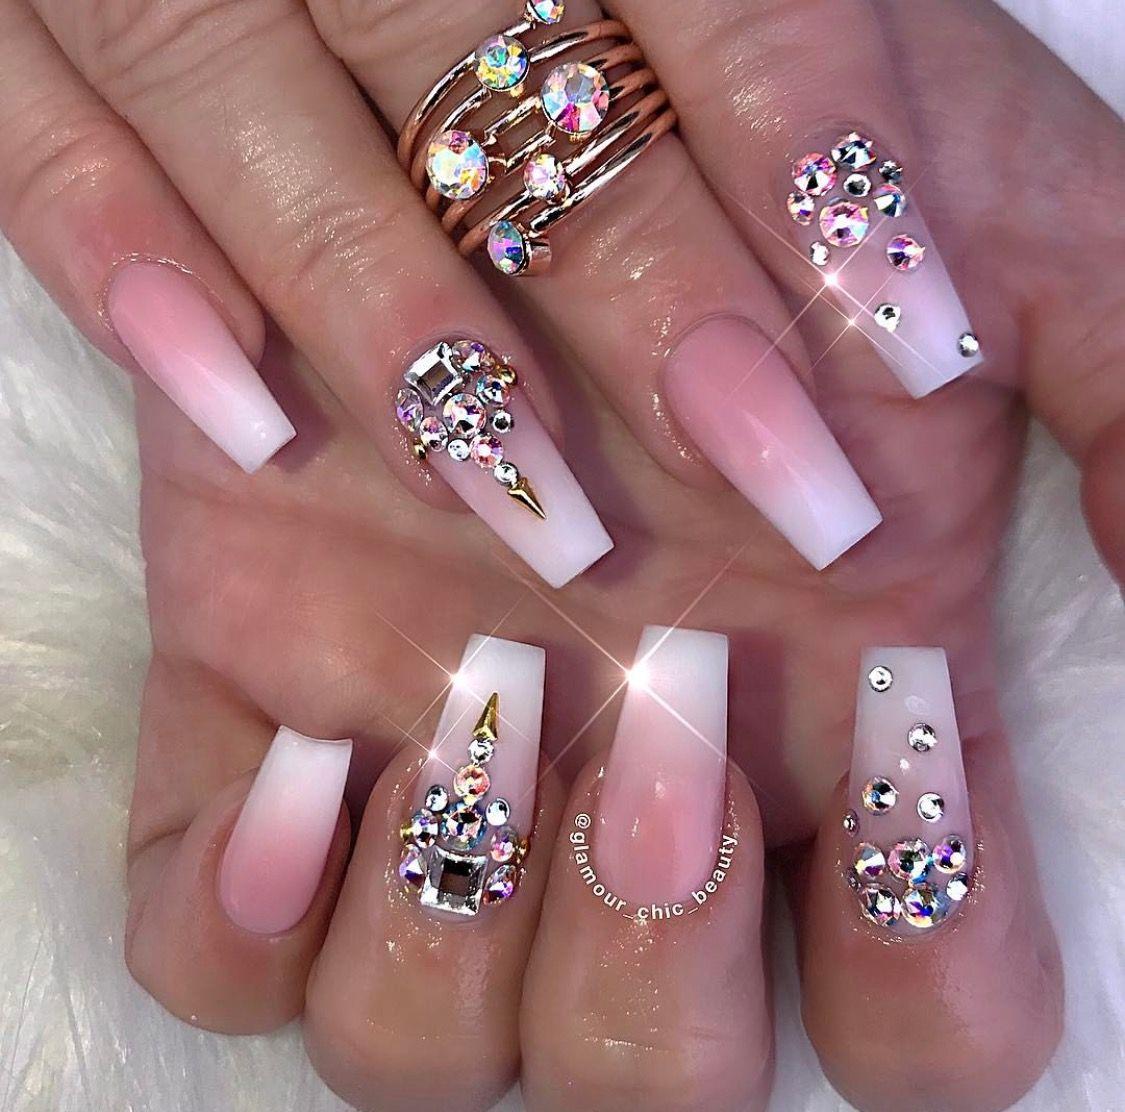 Pin by Melanie Aleman on Nails | Pinterest | Nail nail, Exotic nails ...